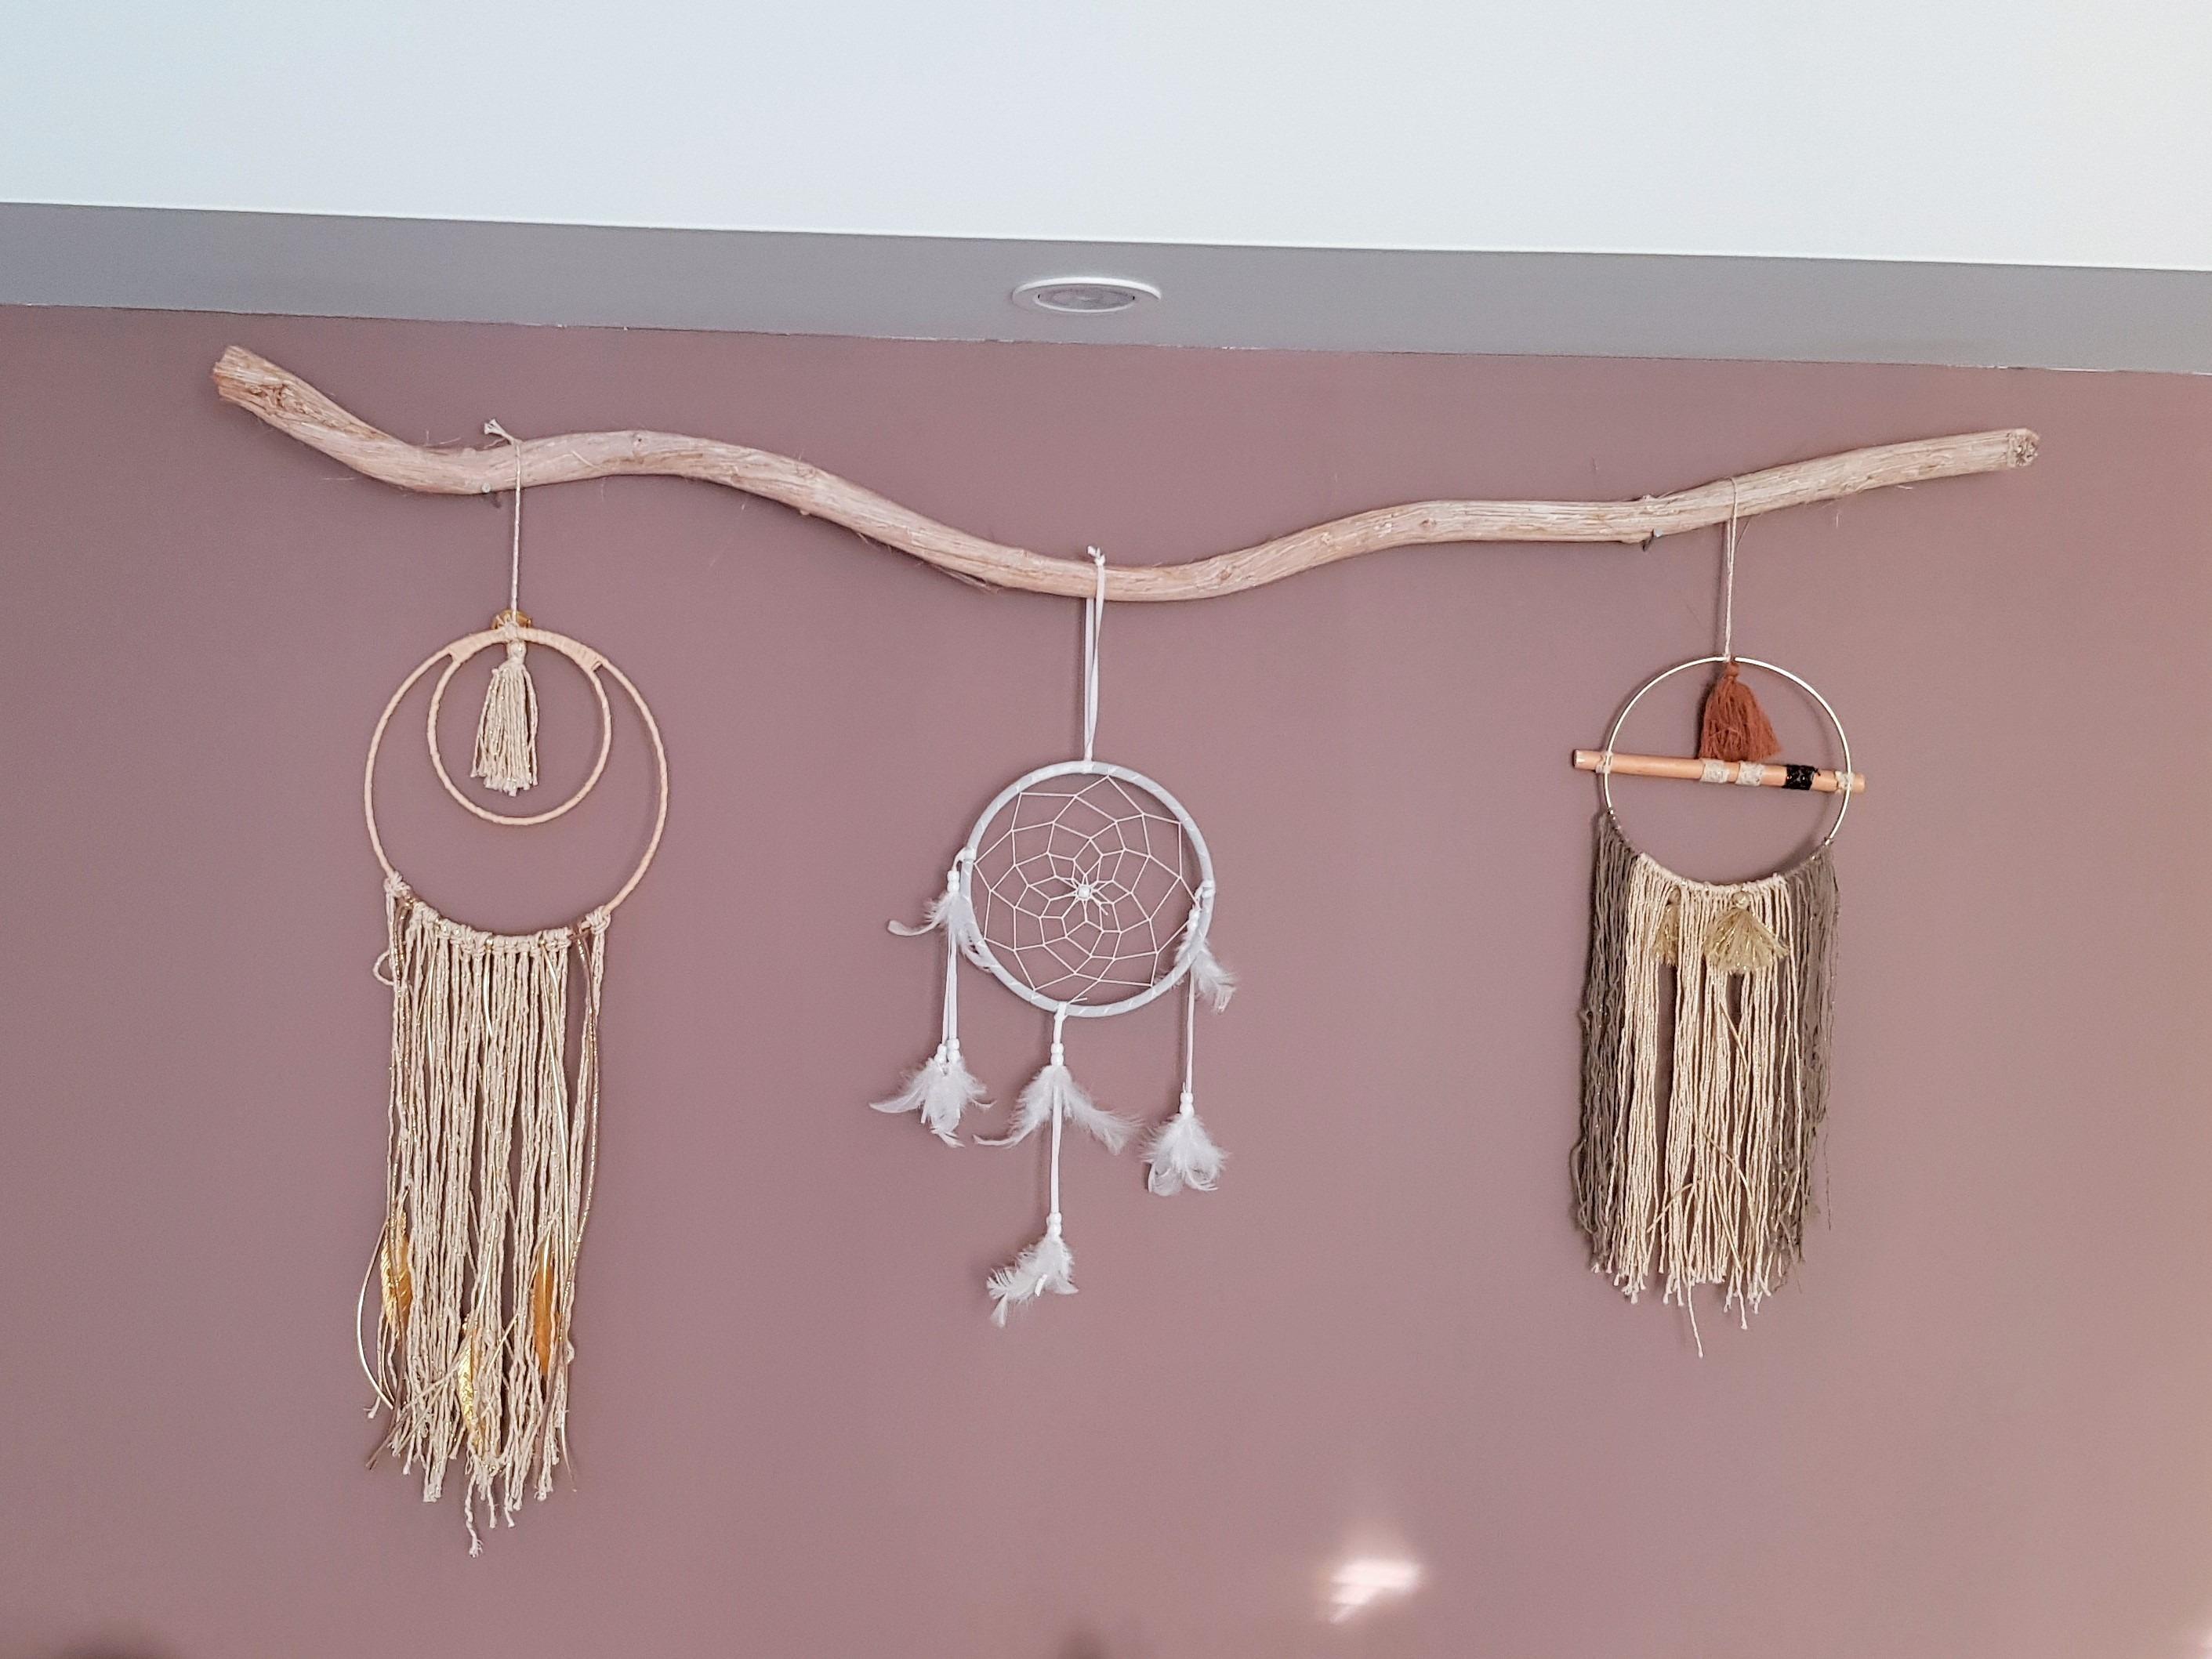 Branche en bois utilisée en support attrape rêves